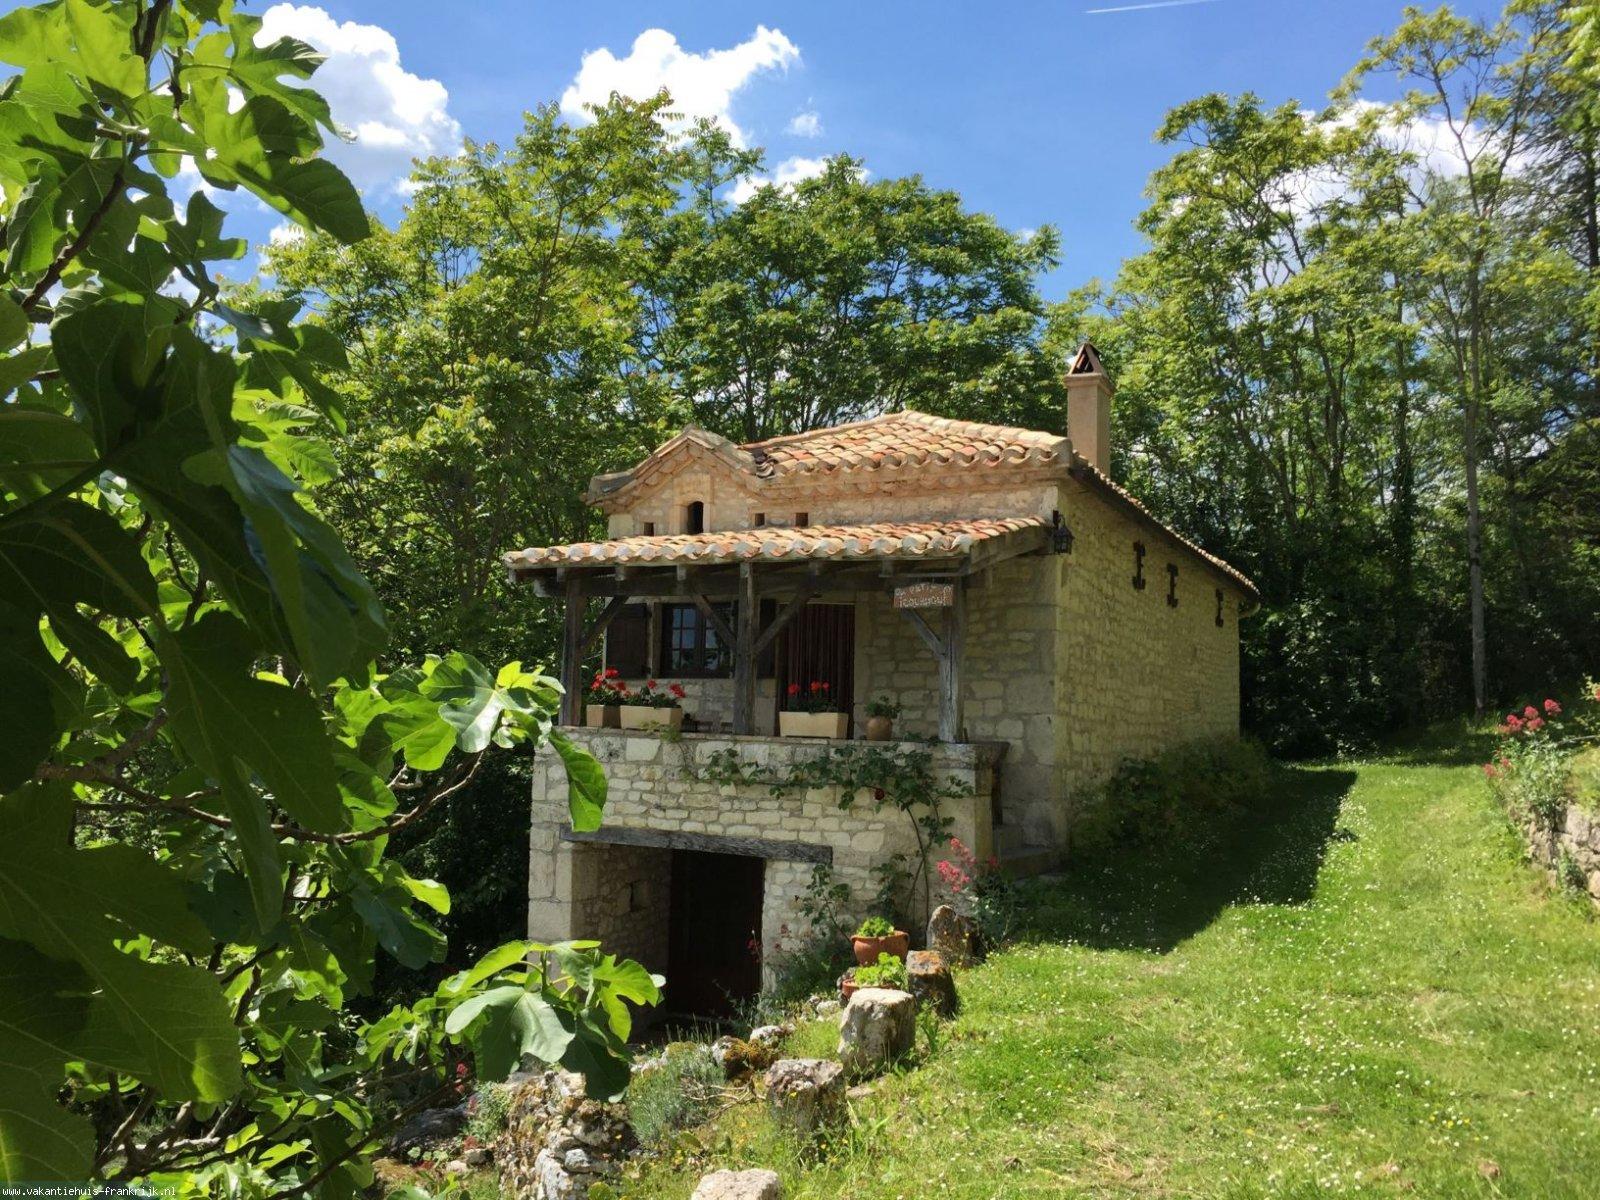 Vakantiehuis: Vakantiehuis Quercy te huur (Gite) Lot Midi Pyrenees. te huur voor uw vakantie in Lot (Frankrijk)